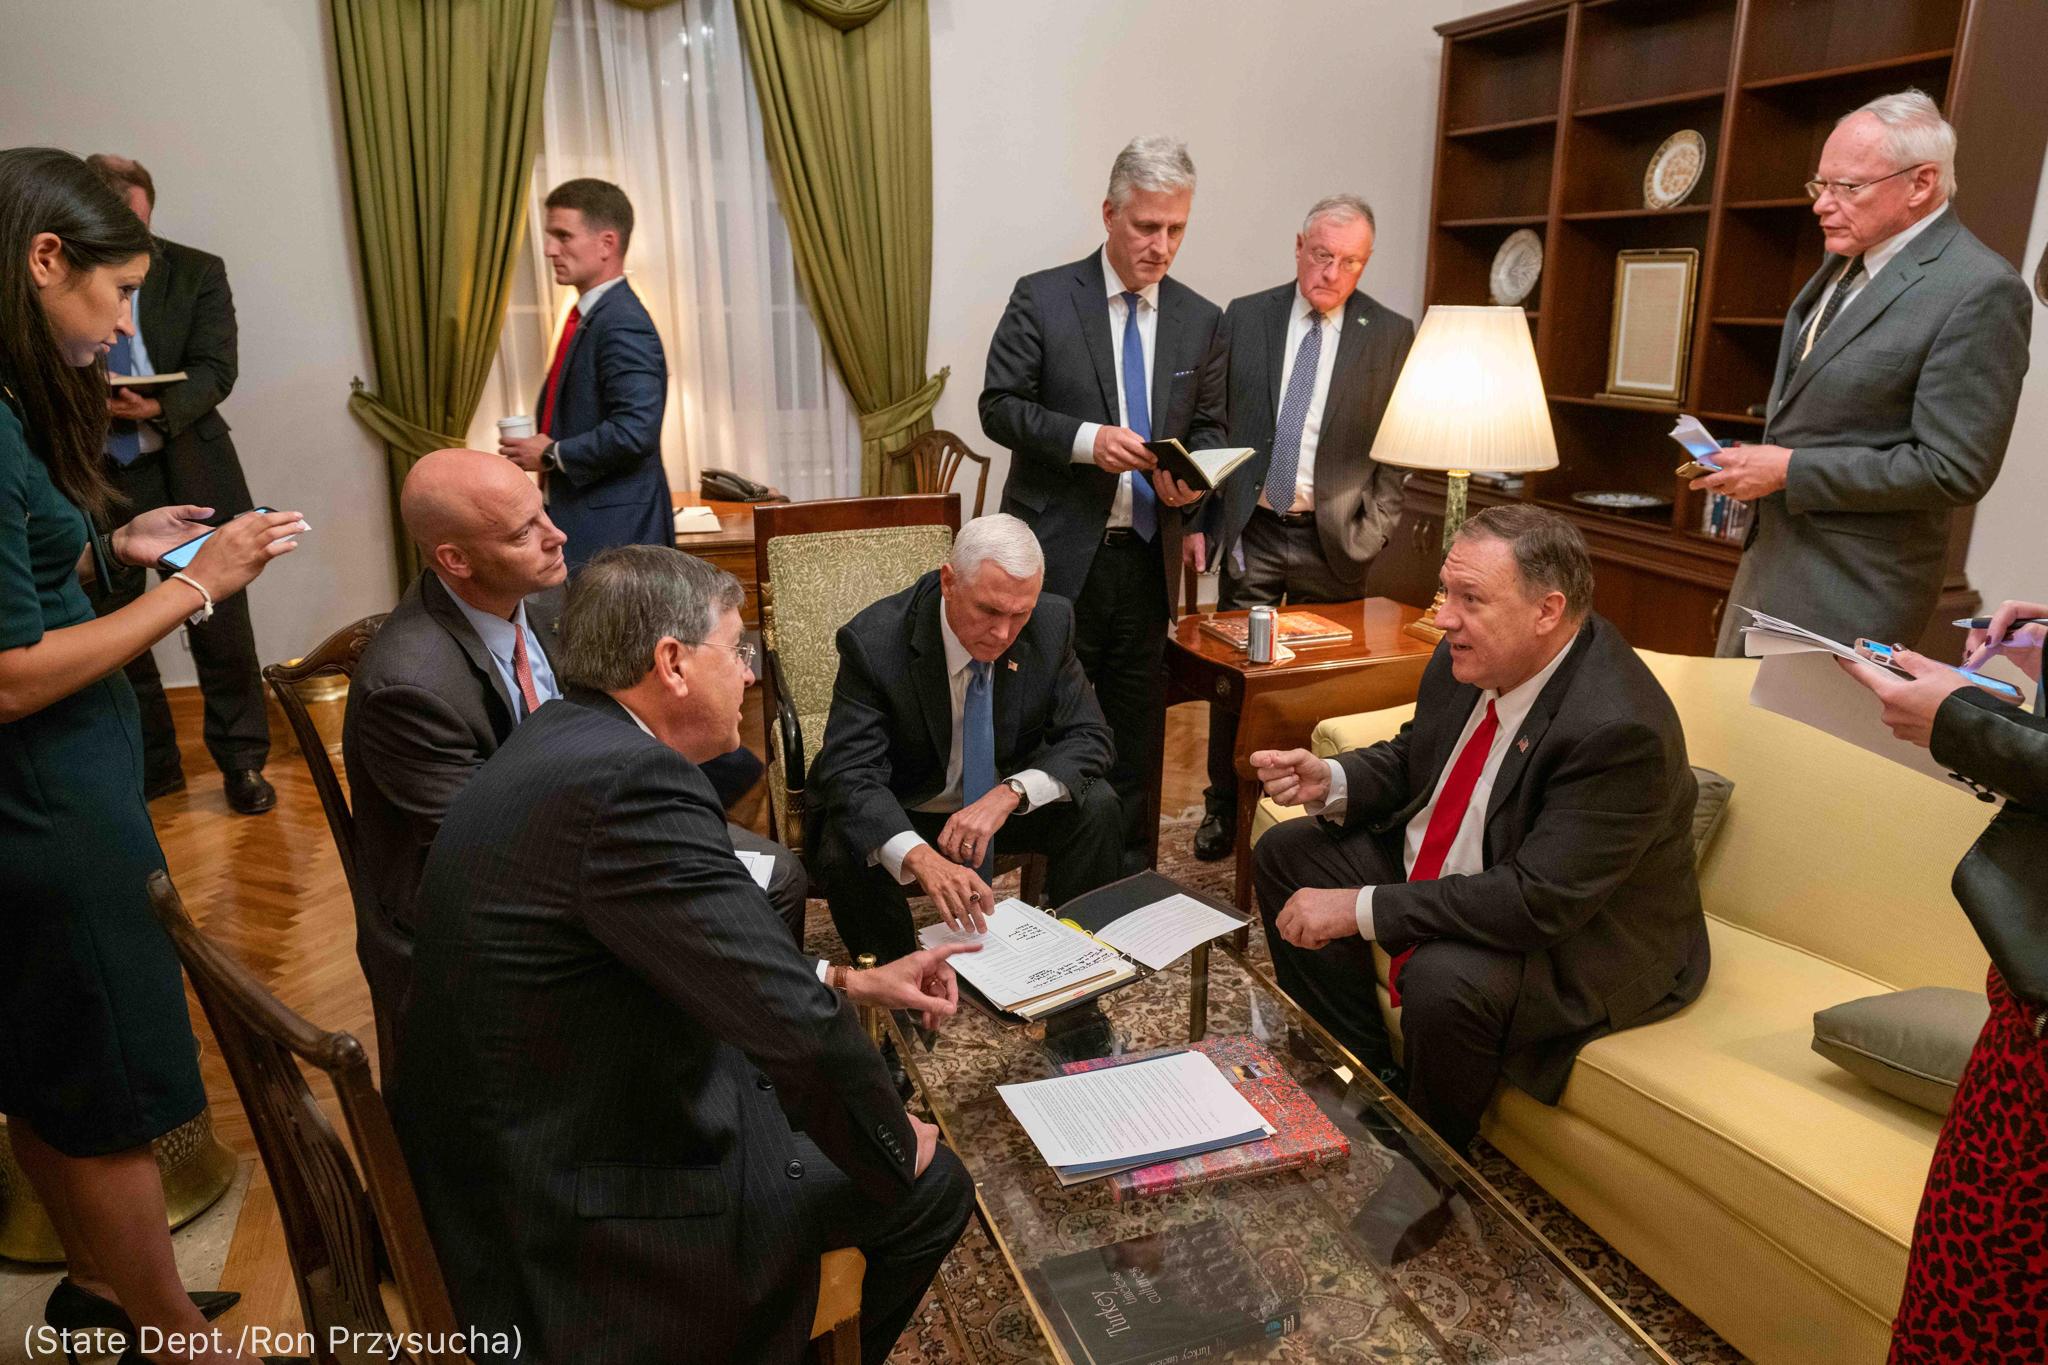 Secretário Pompeo sentado em uma sala e conversando com outras pessoas (Depto. de Estado/Ron Przysucha)